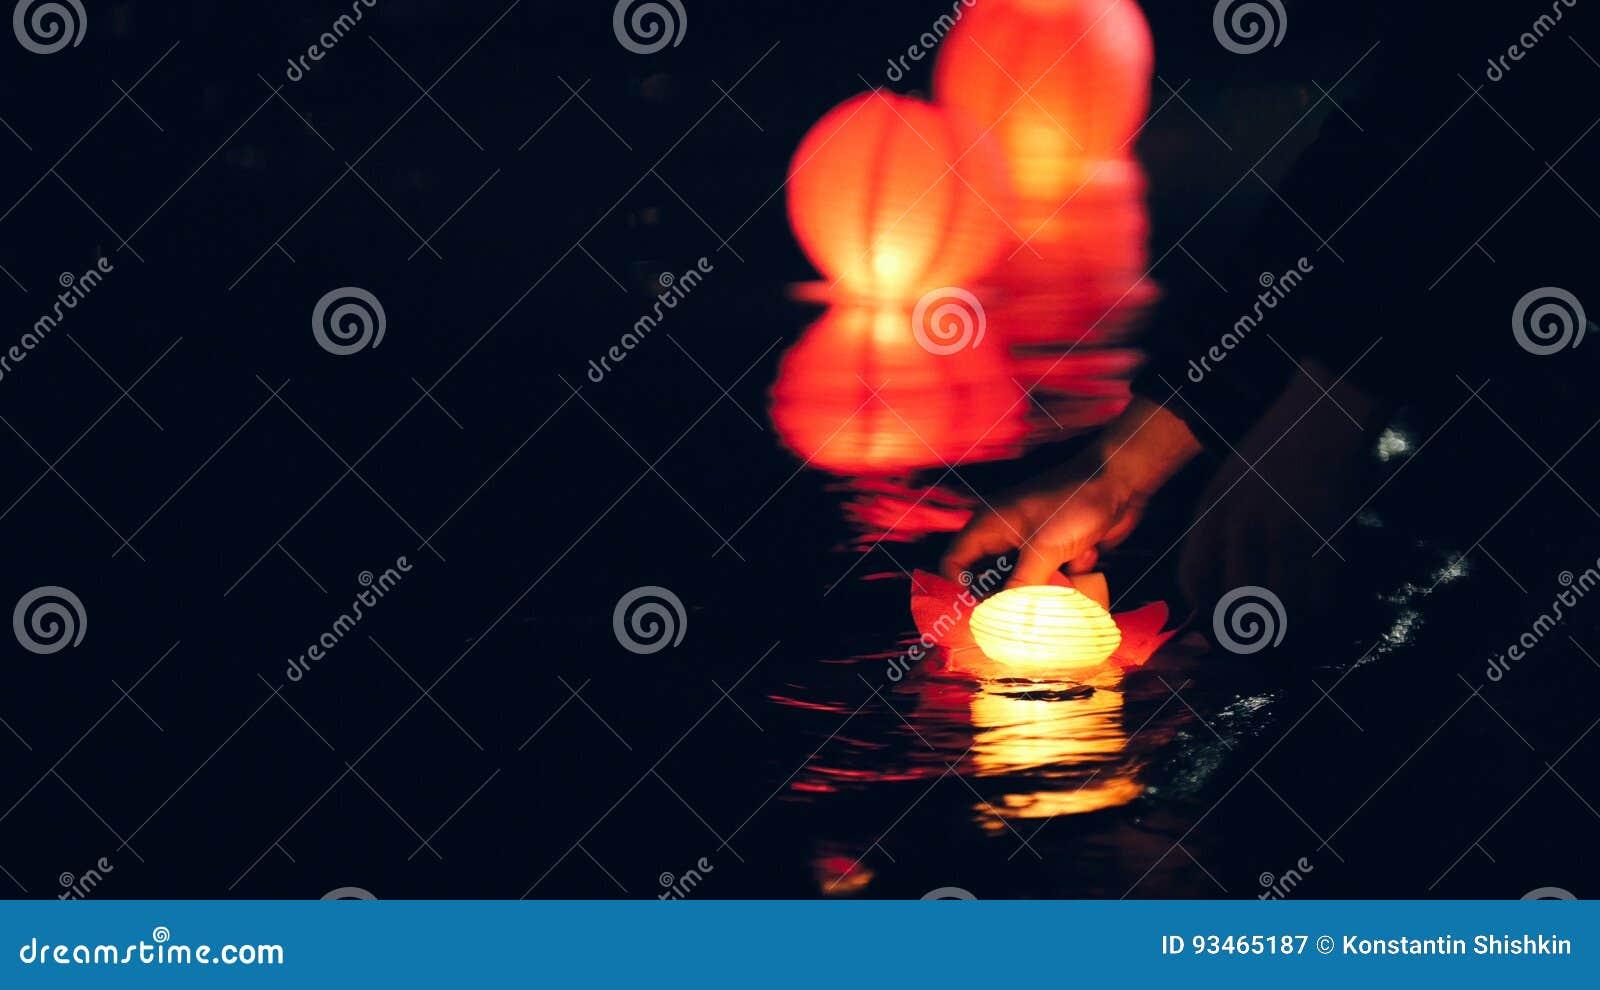 Sich hin- und herbewegende Beleuchtung Laternen auf Fluss nachts beleuchten - romantisches Festival